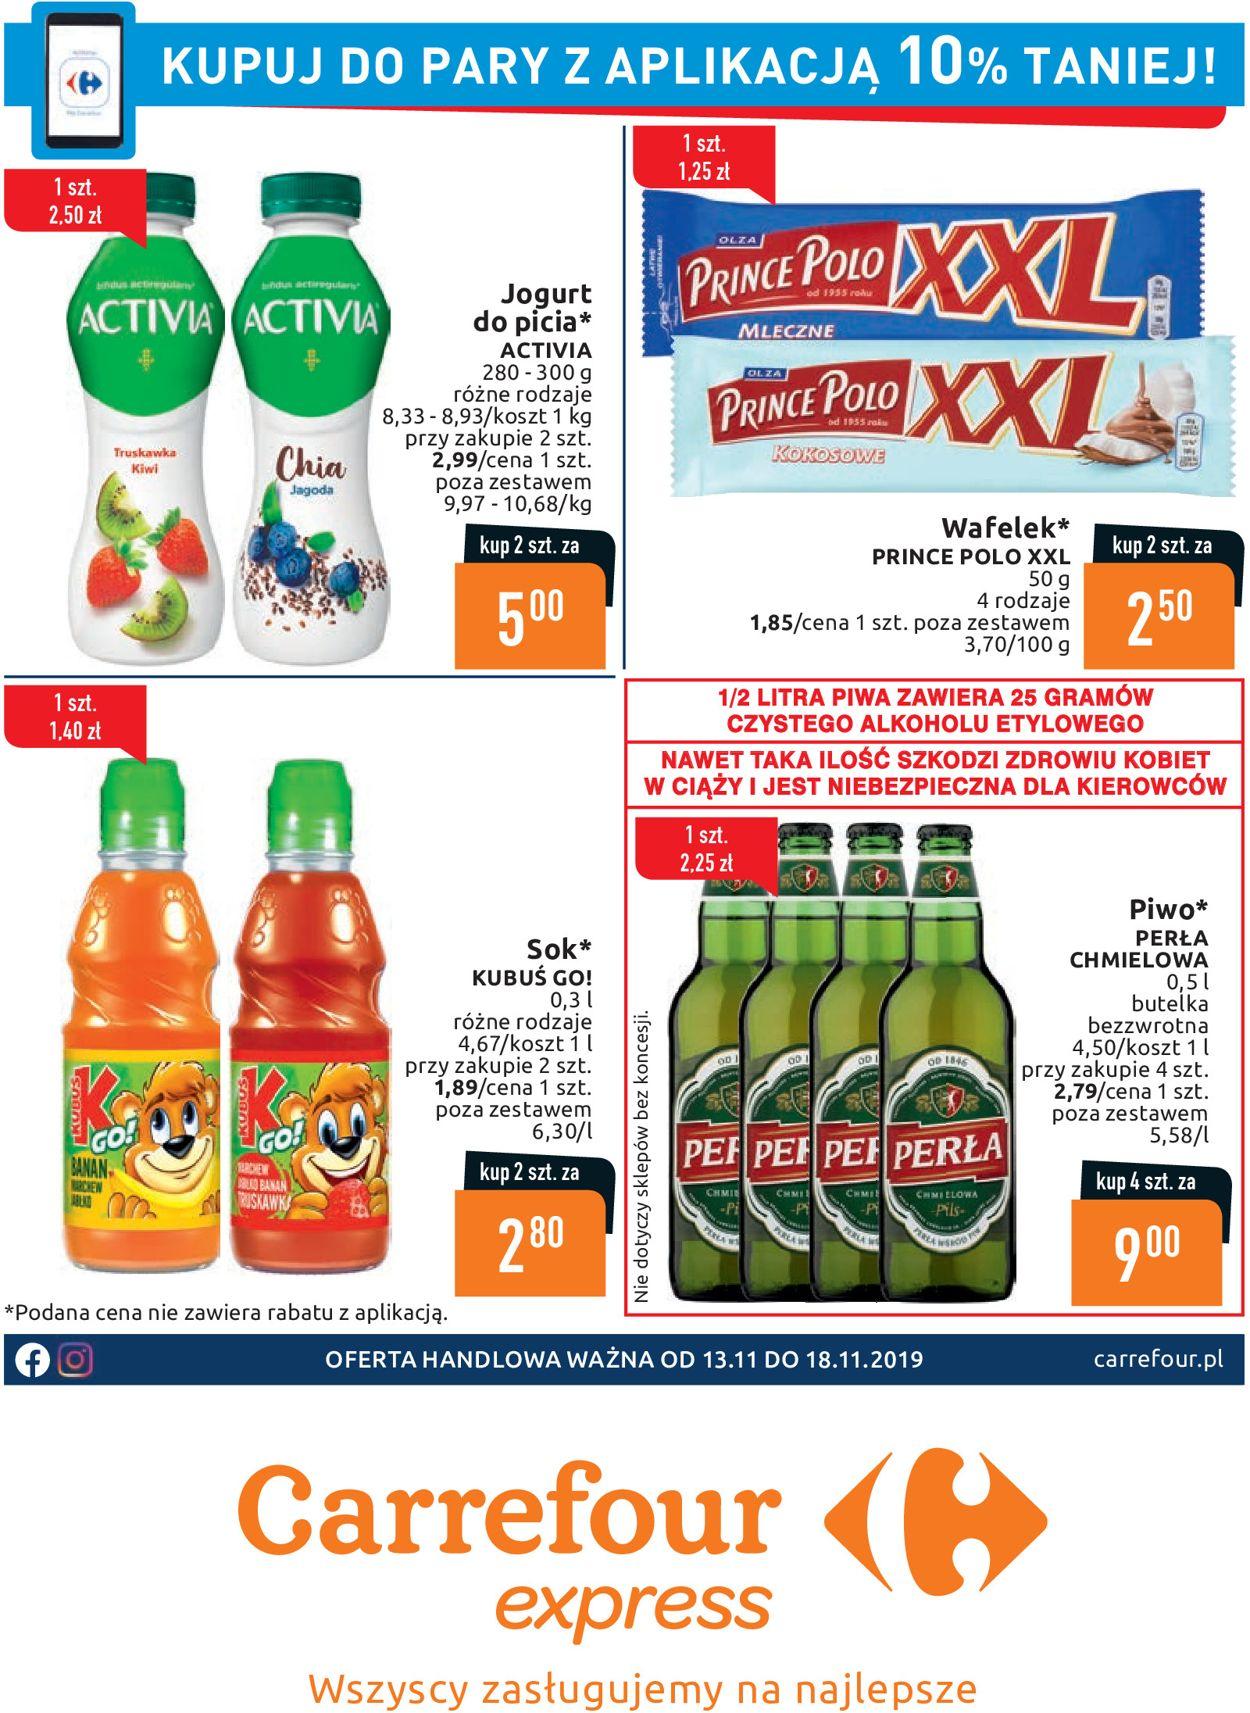 Gazetka promocyjna Carrefour - 13.11-18.11.2019